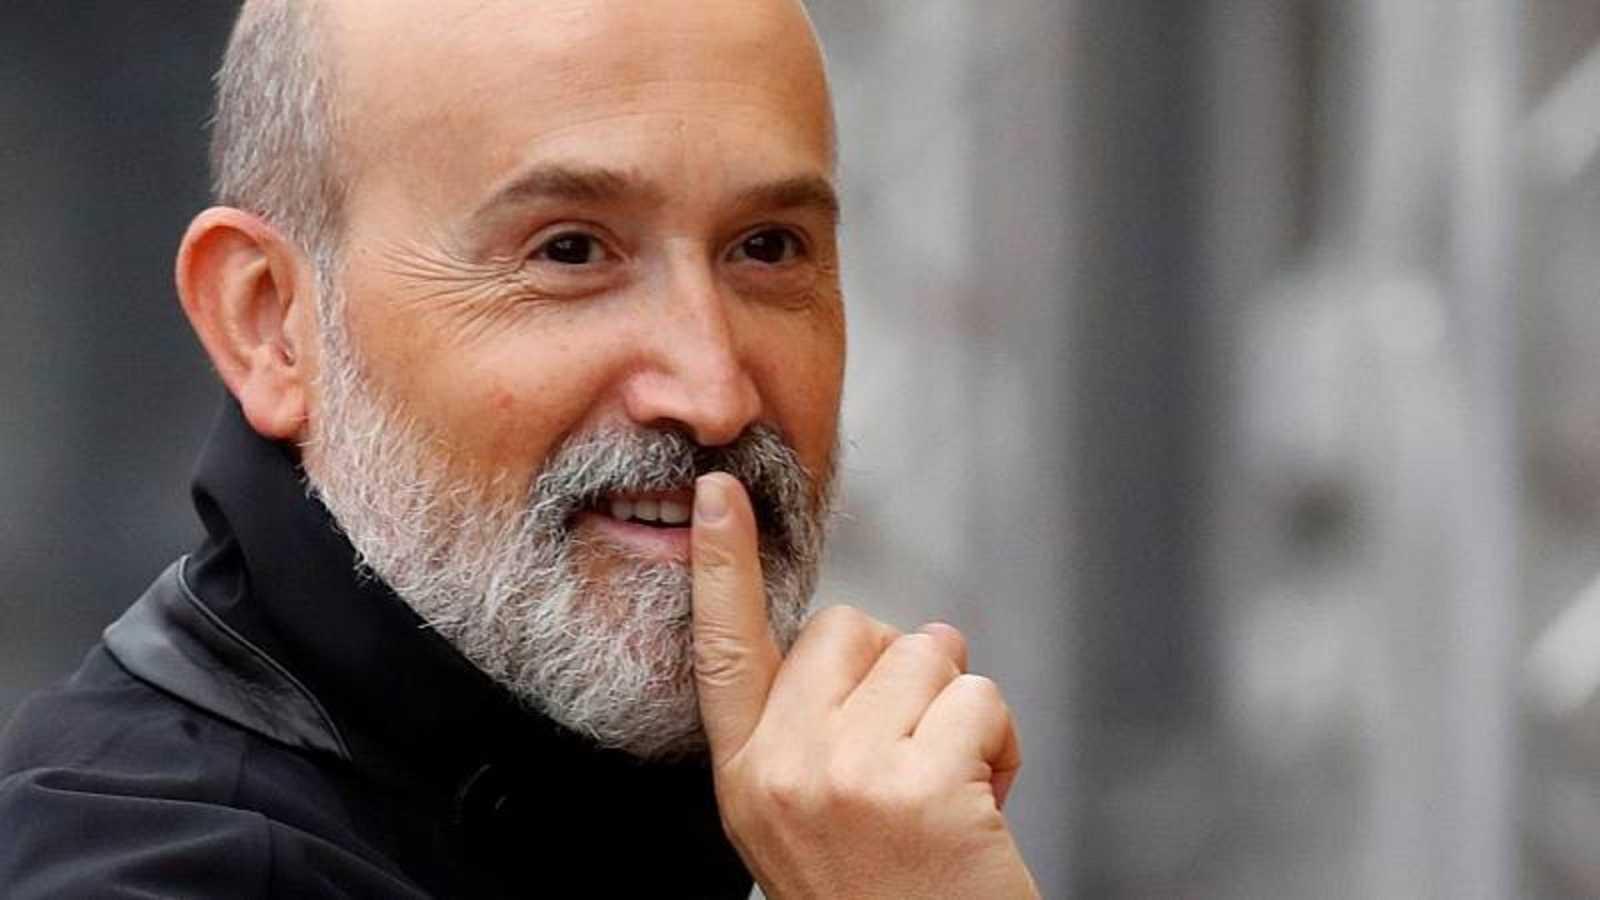 Las mañanas de RNE con Pepa Fernández - Entrevista a Javier Cámara - Escuchar ahora